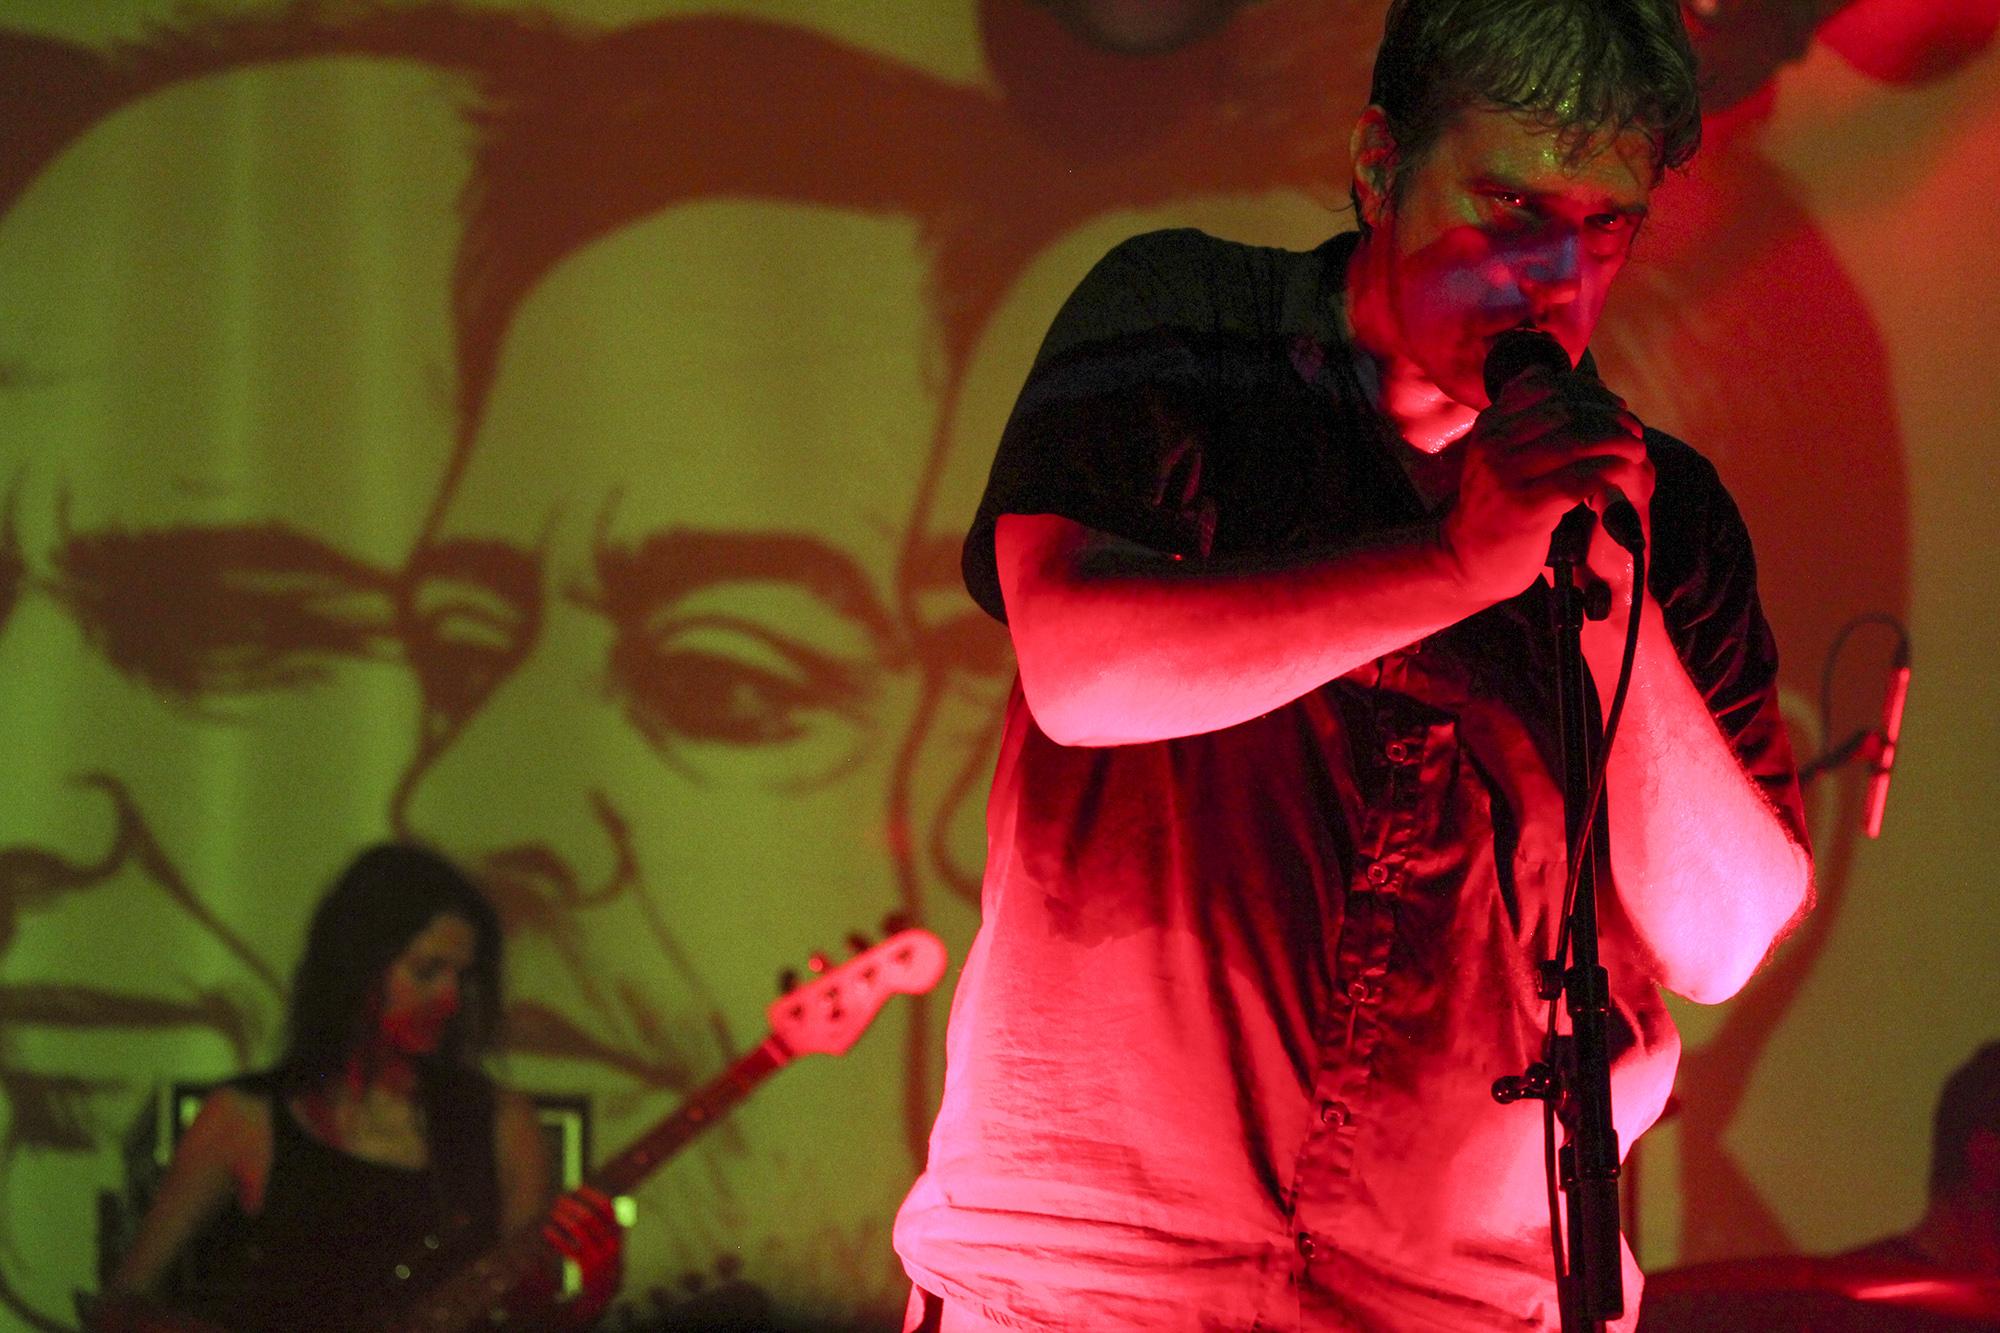 Mão Morta ao vivo no Hard Club, no Porto, em 2014. Fotografia de: Miguel Marques Ribeiro